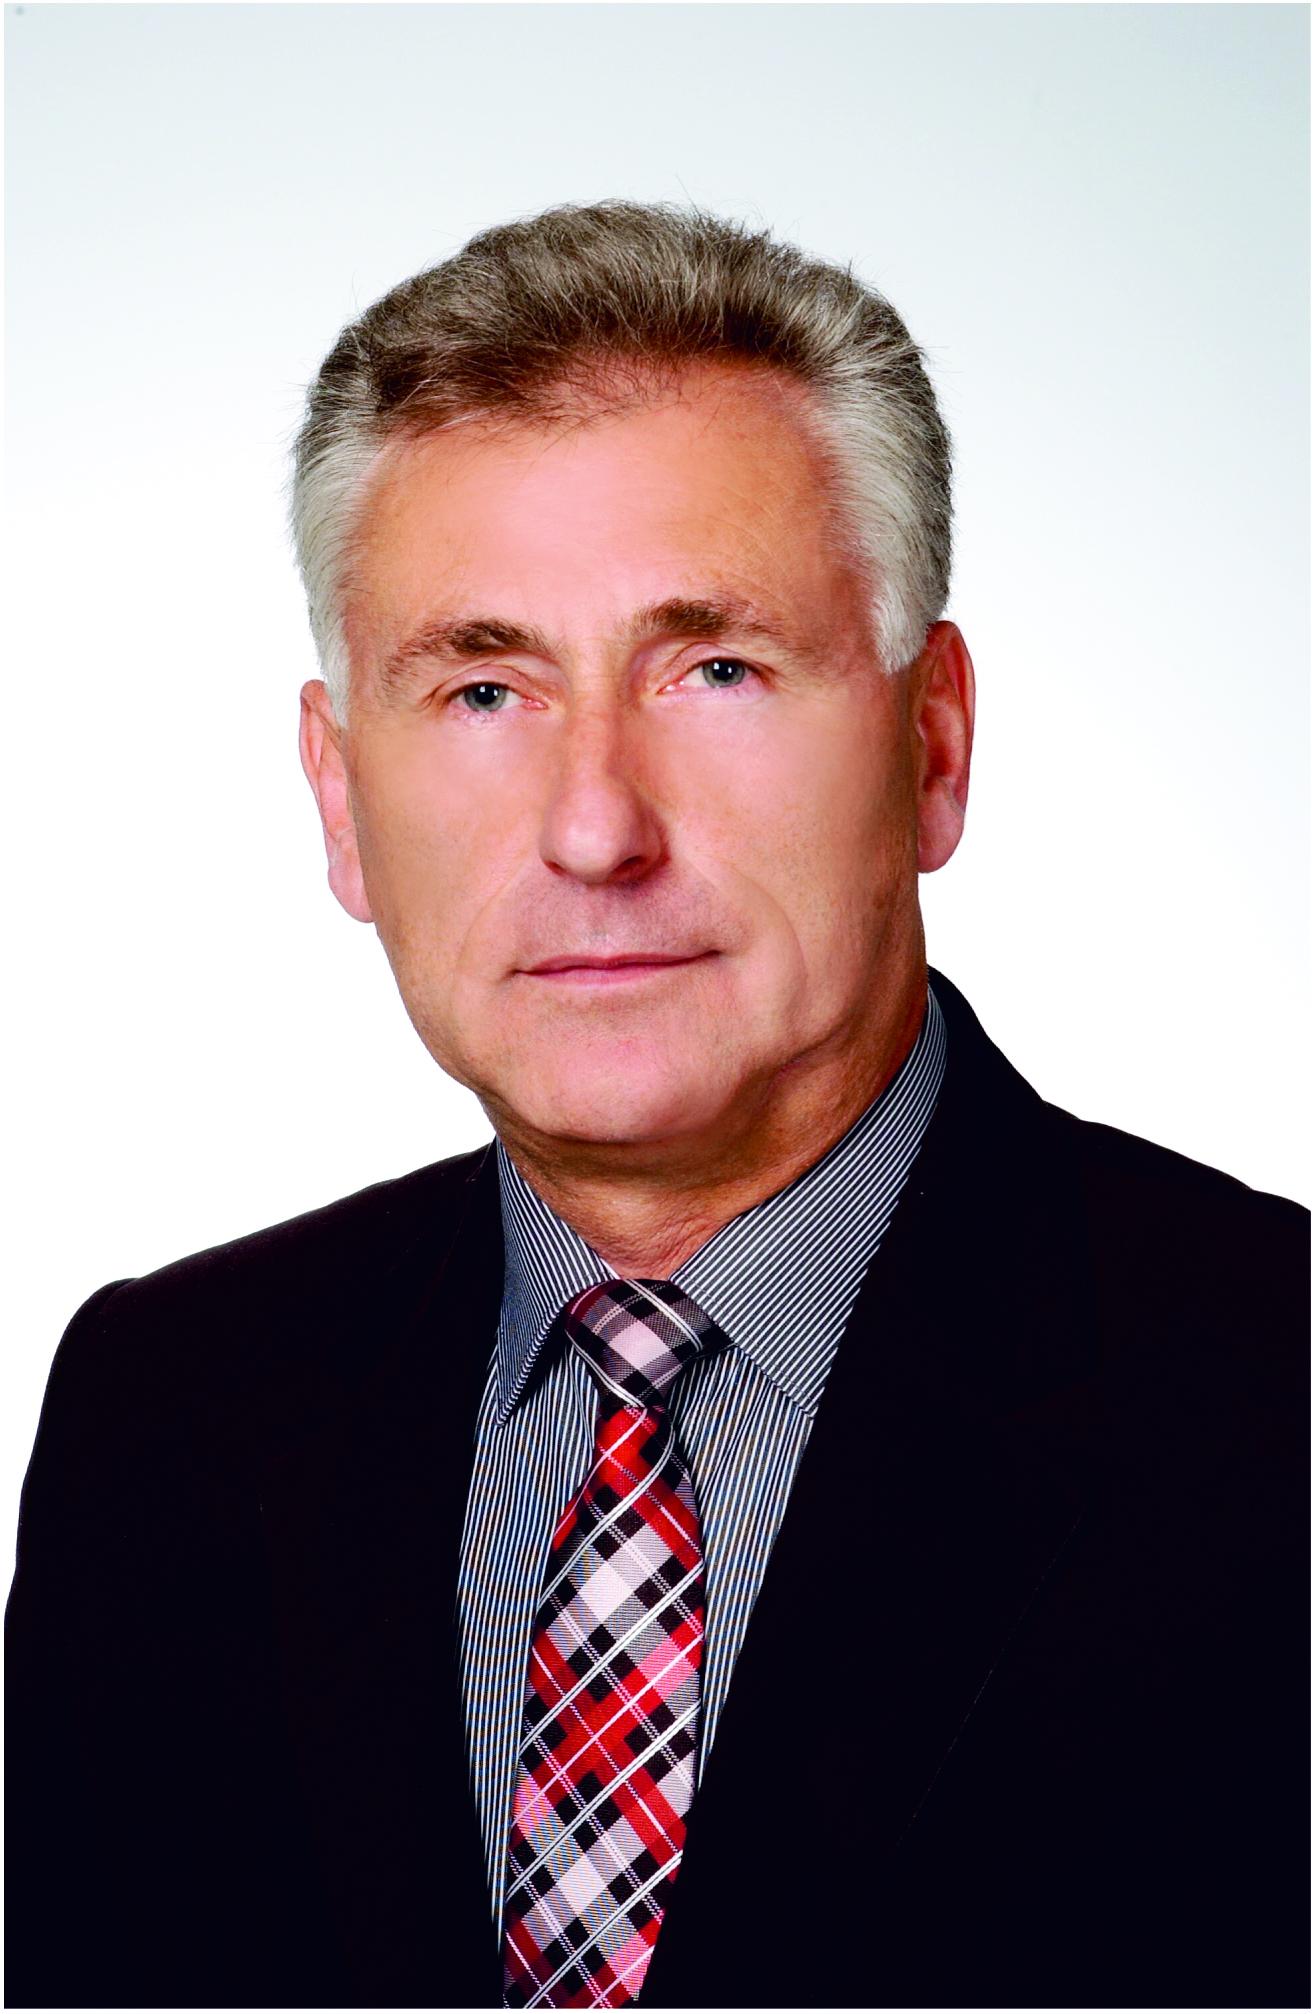 Roman Balcerzak Ma 56 lat, wykształcenie wyższe o kierunku ekonomicznym. Jest wykładowcą w Prywatnej Wyższej Szkole Ochrony Środowiska w Radomiu, ... - 8-1-12-217397